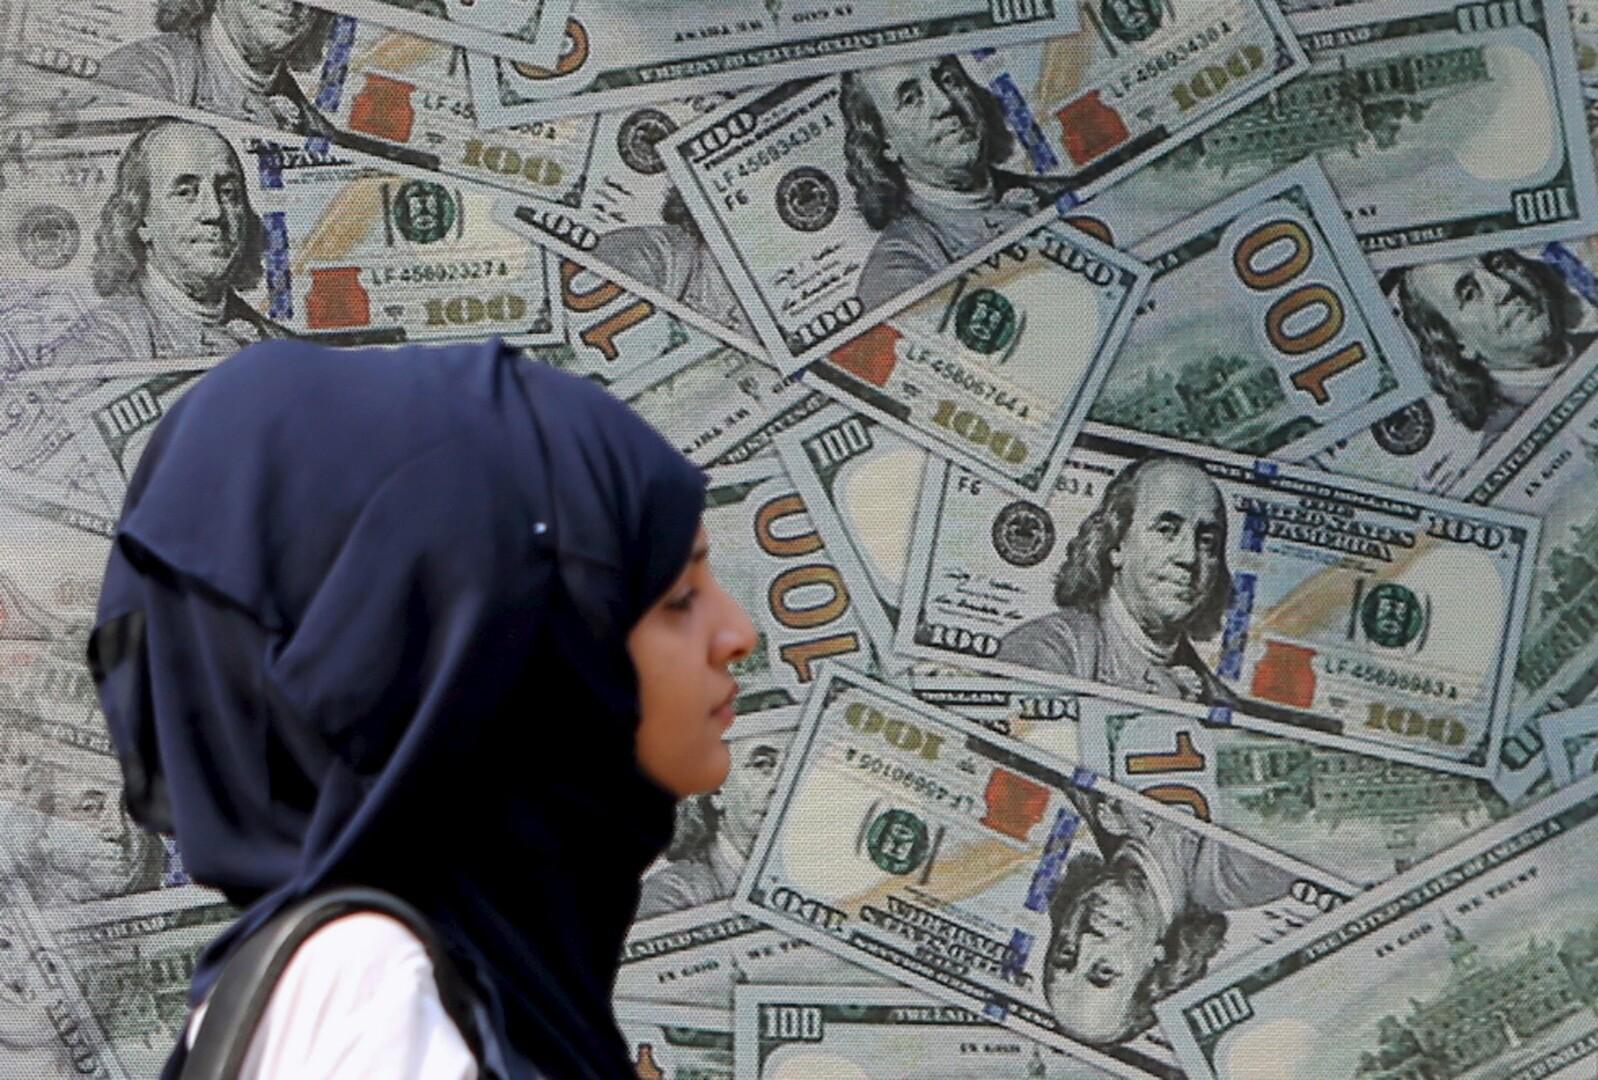 متوسط سعر الدولار يرتفع قرشًا أمام الجنيه بنهاية تعاملات اليوم - جريدة المال